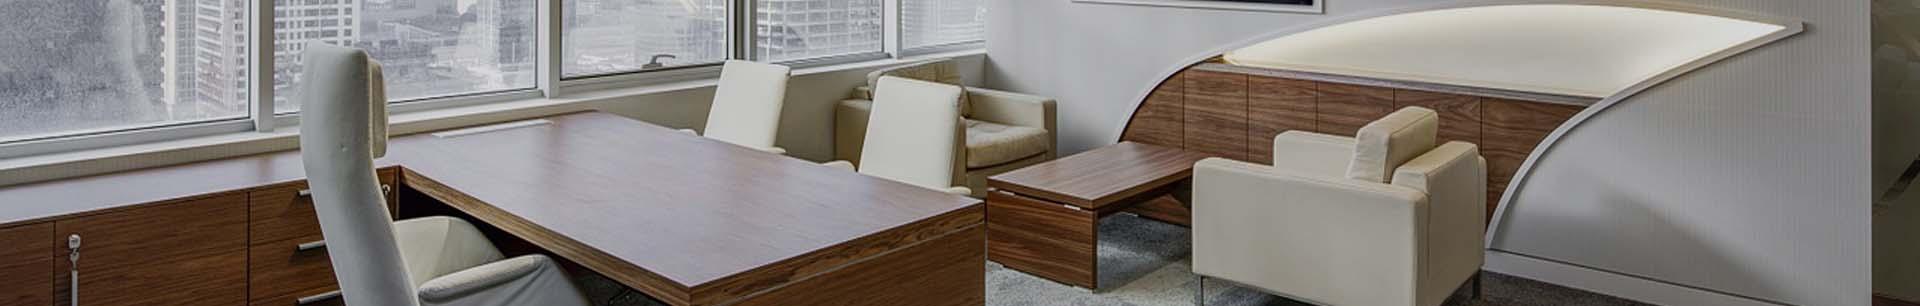 Mantenimiento y limpieza de oficinas y despachos en madrid for Oficinas envialia madrid